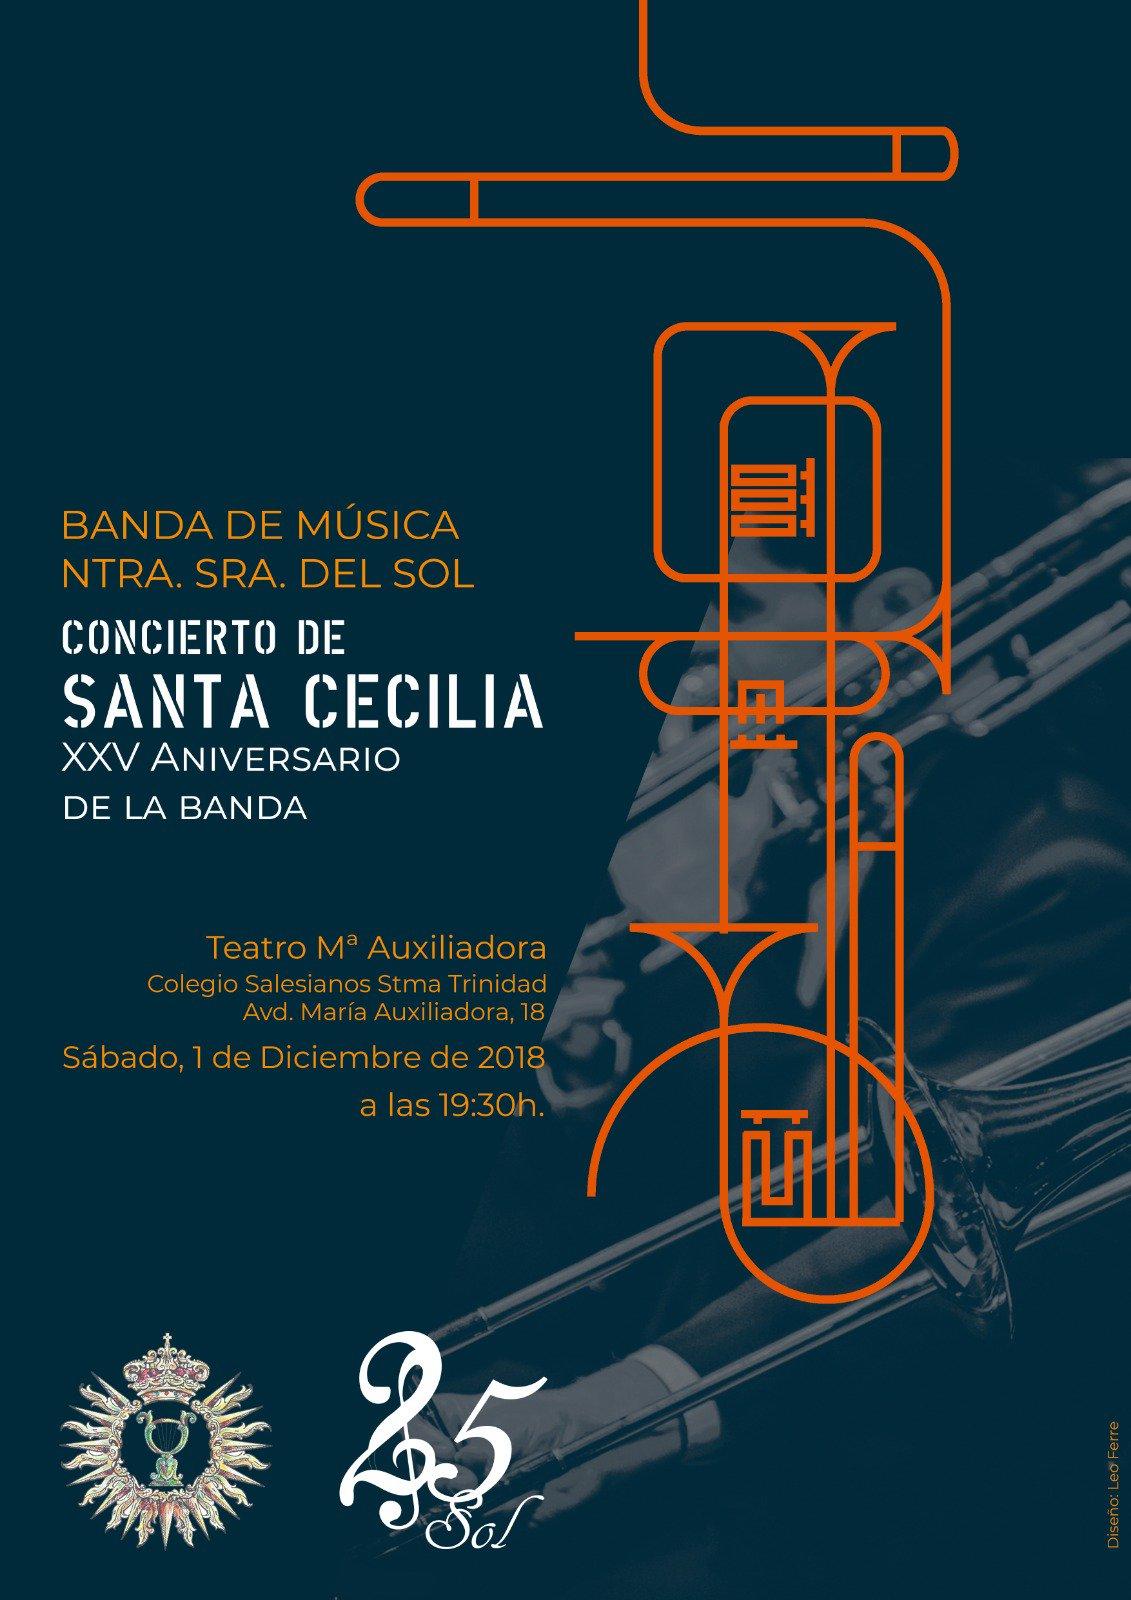 ¡Anunciamos nuestro concierto de Santa Cecilia!